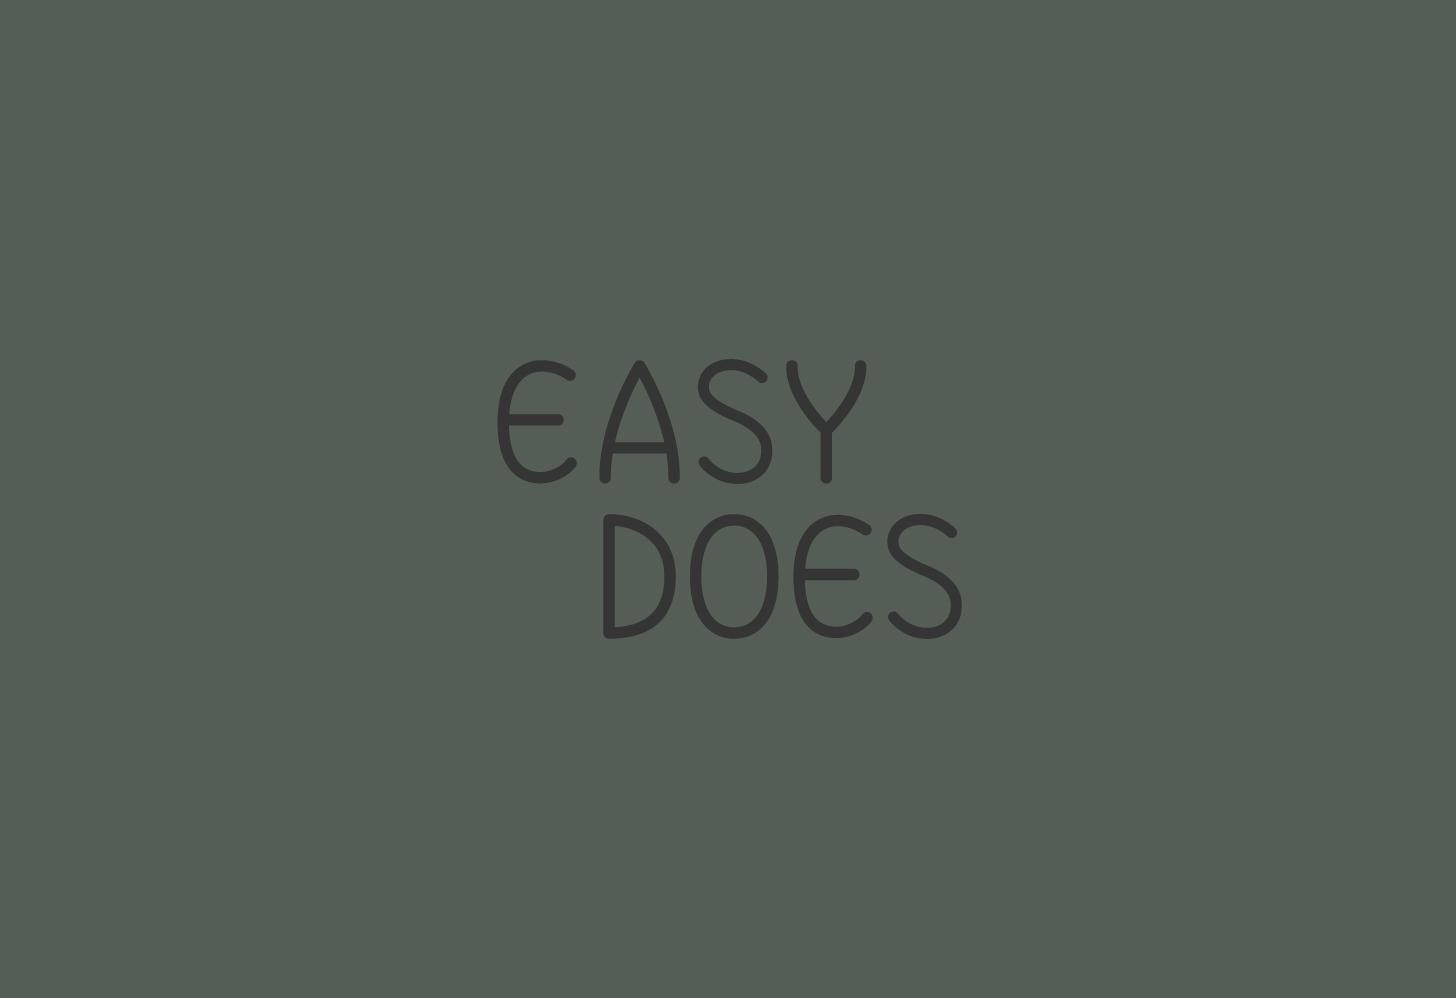 easydoes3.jpg